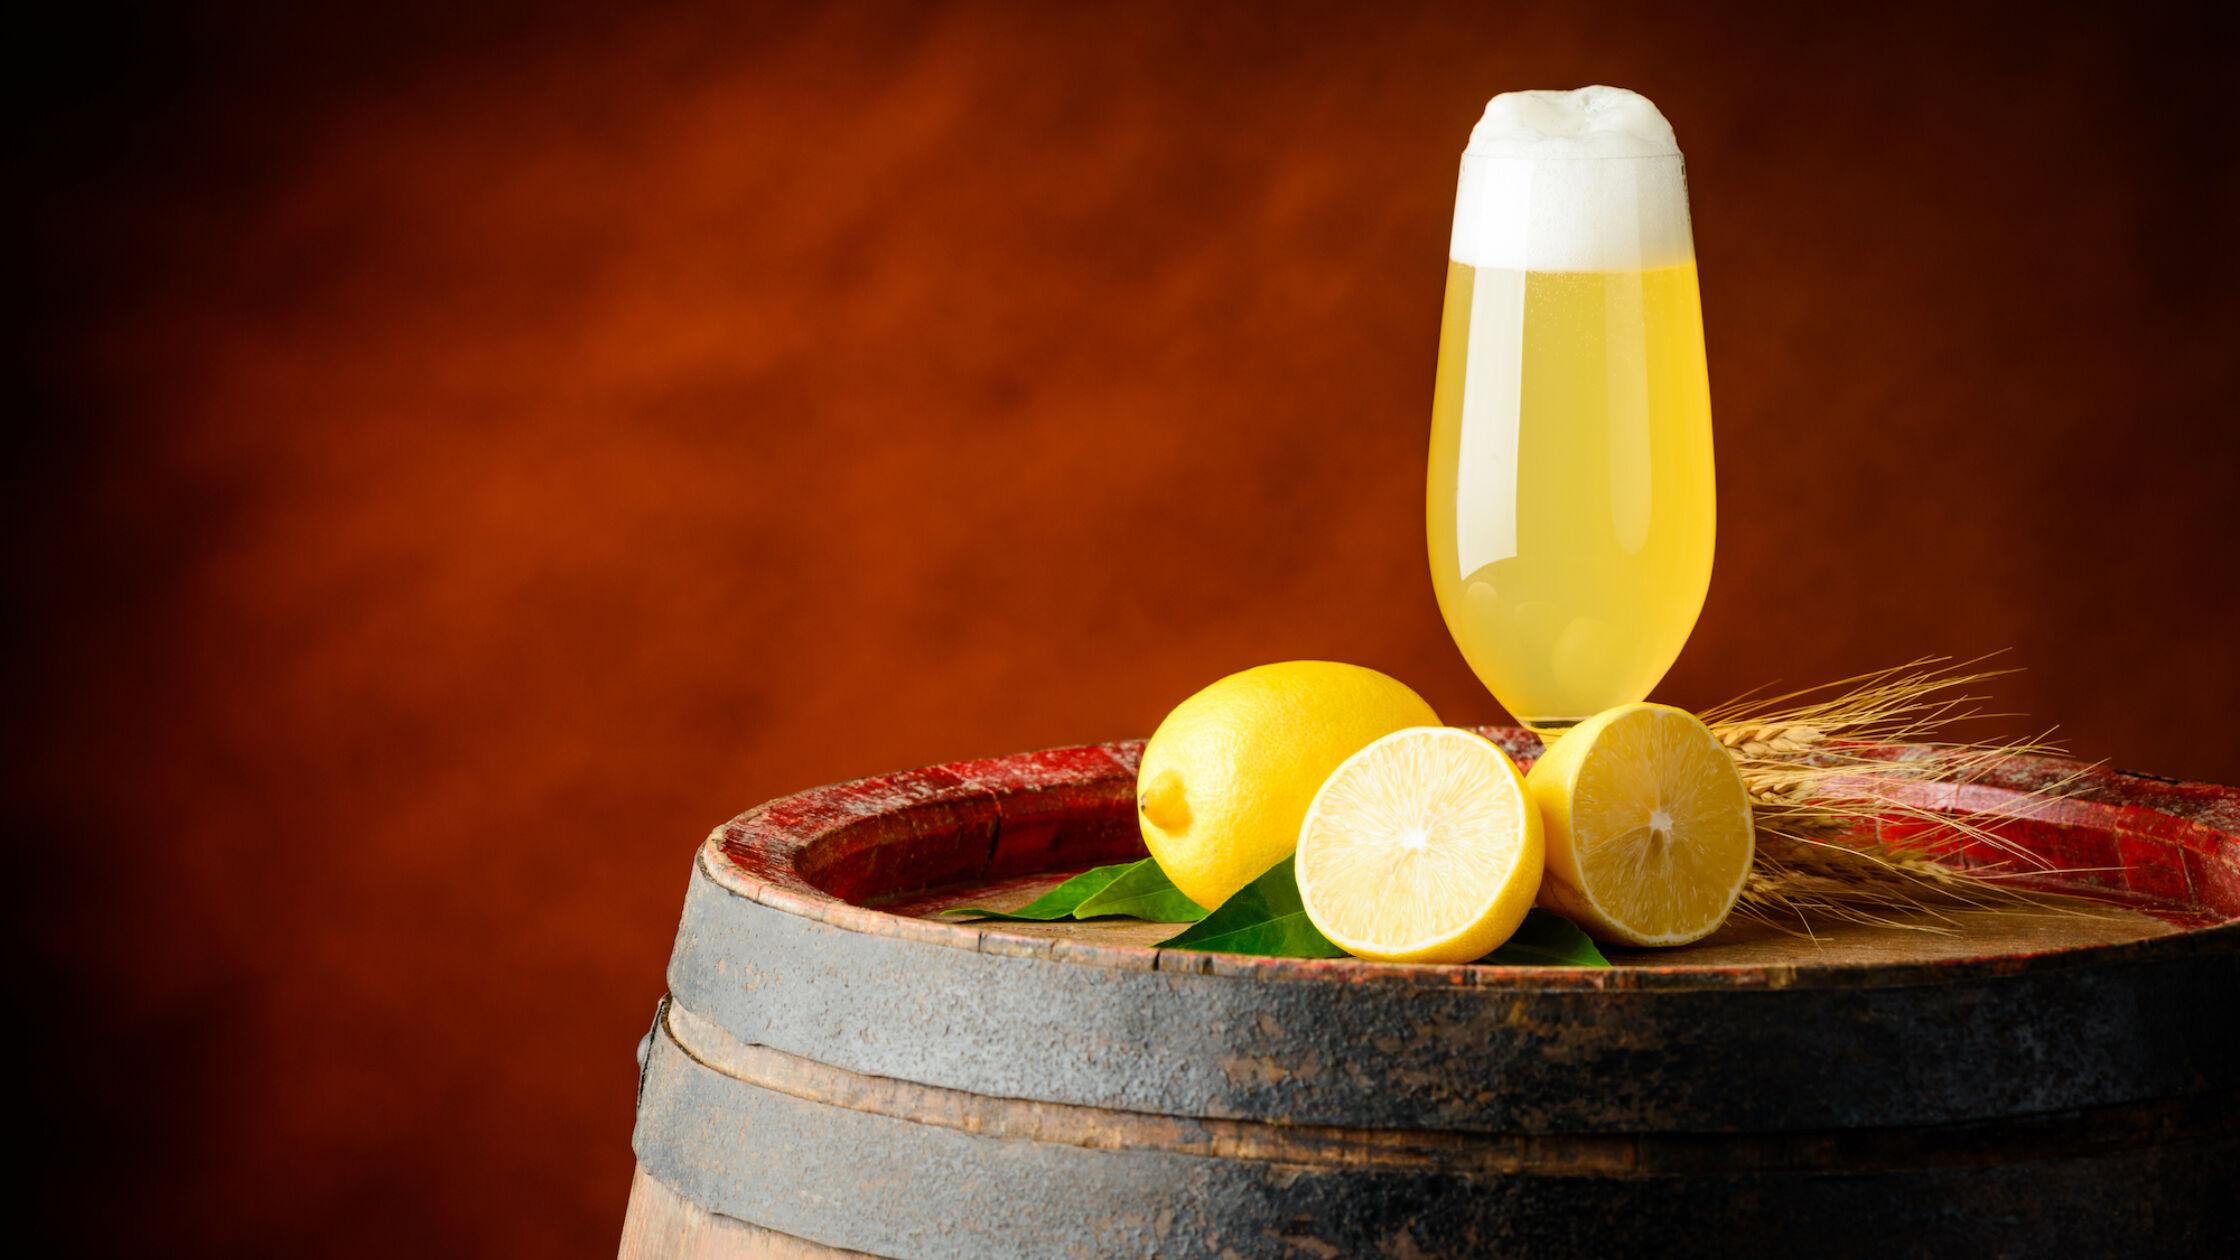 Alchoholvrij bier een gezond alternatief?